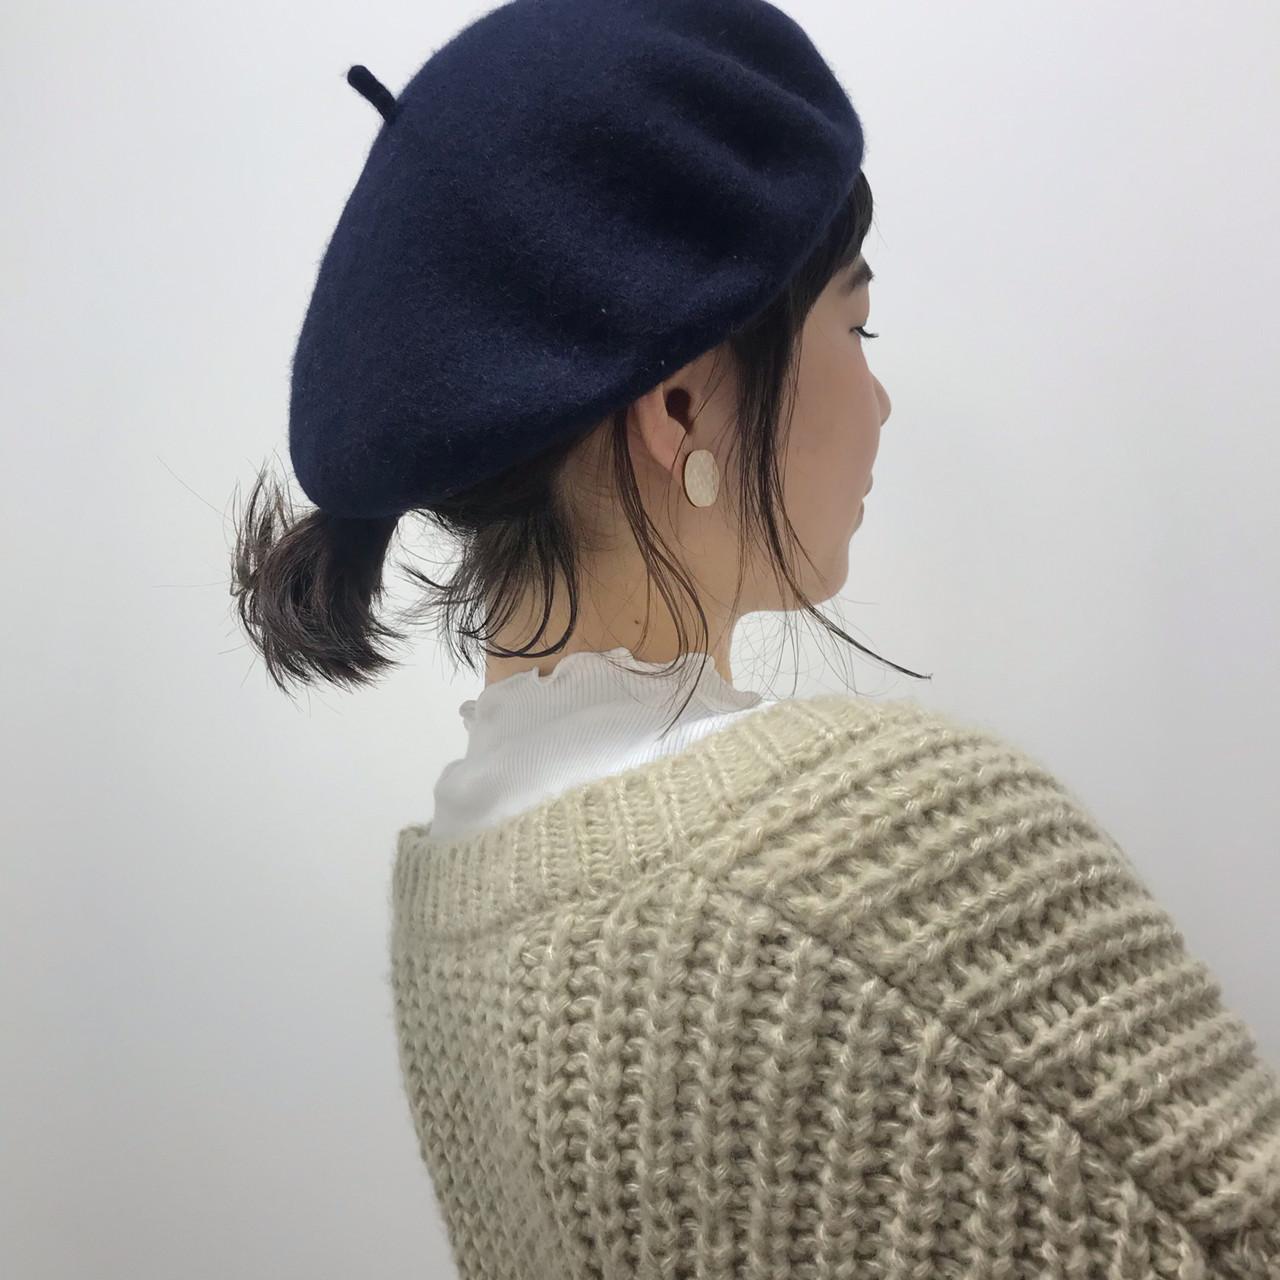 大人女子 ヘアカラー ガーリー 福岡市ヘアスタイルや髪型の写真・画像